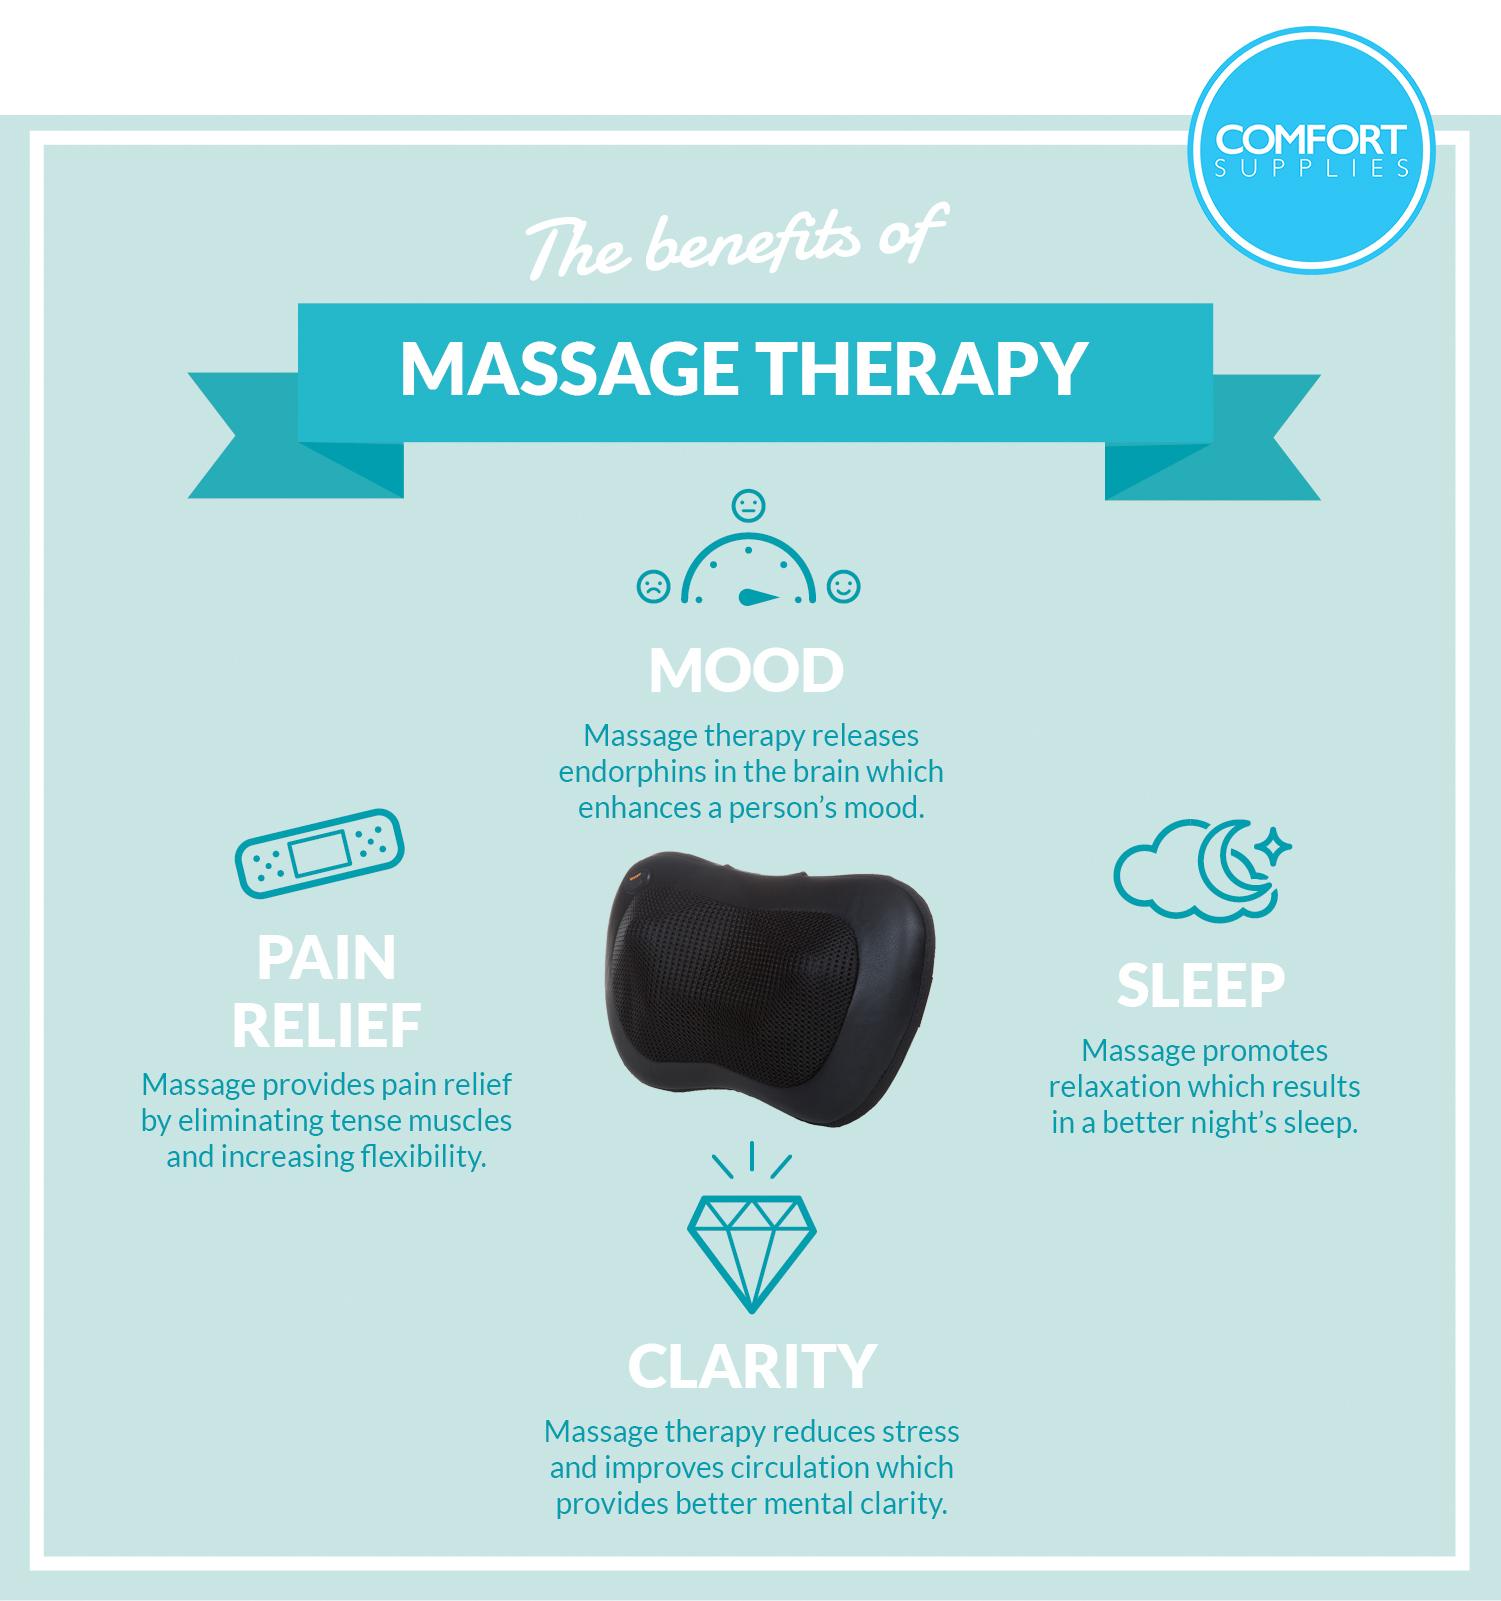 comfort-supplies-neck-and-back-massager-shiatsu-massage-pillow-with-heat-deep-tissue-kneading-massager-cushion-5.jpg